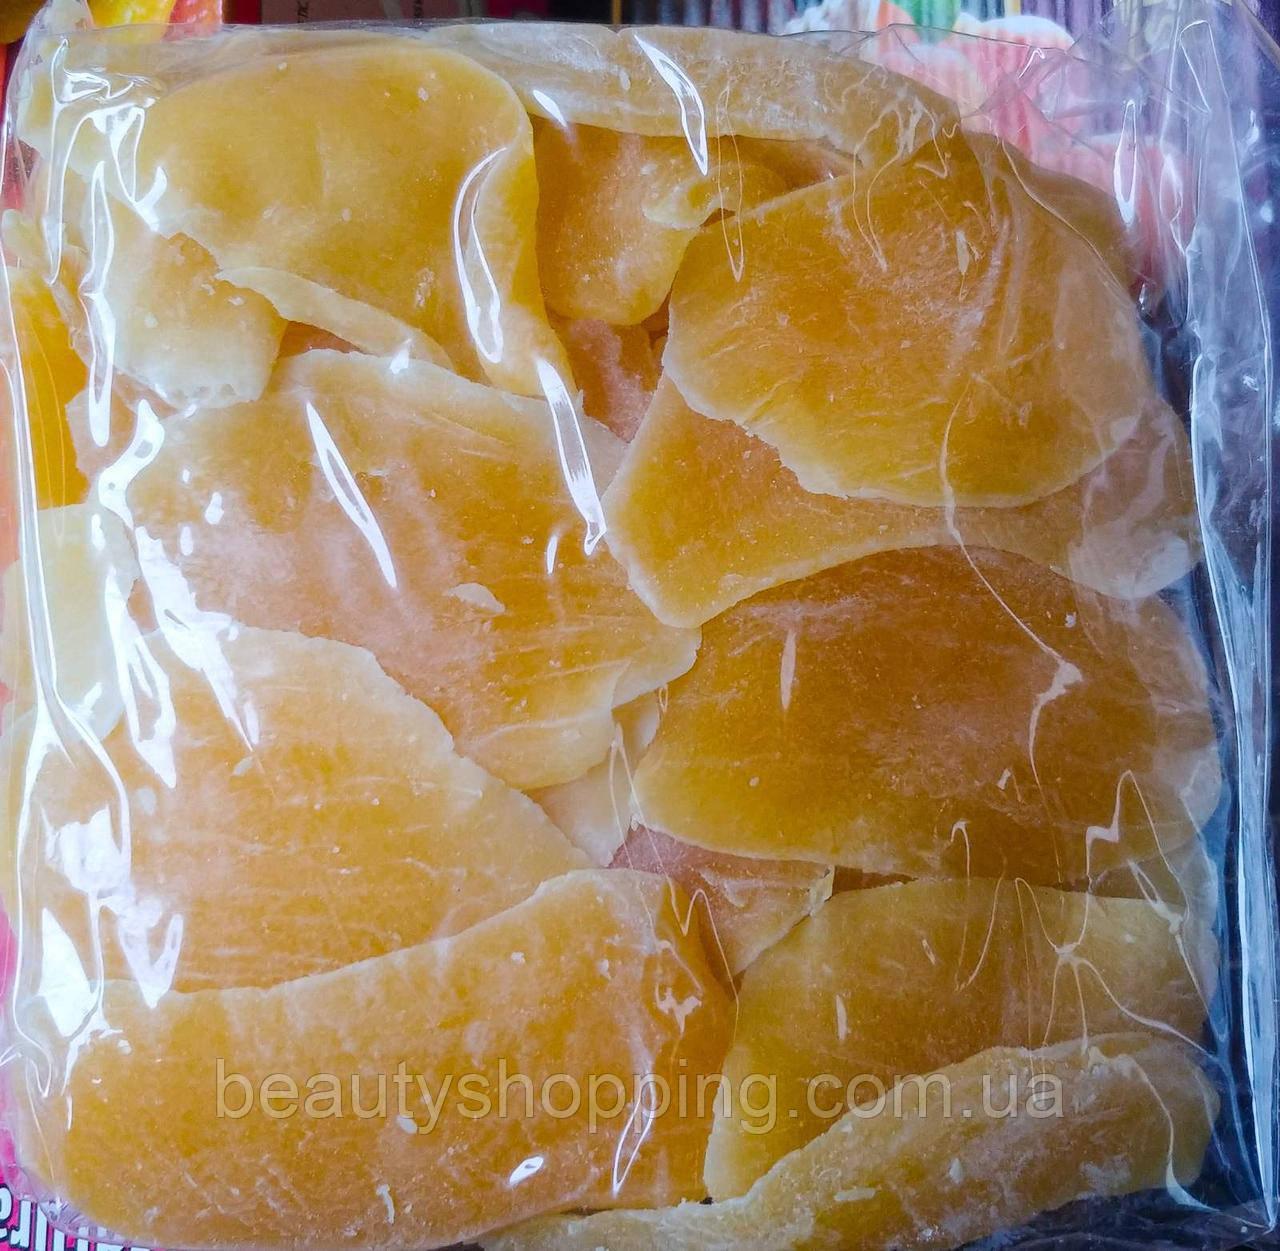 Манго натуральный сушеный в сахаре 970g